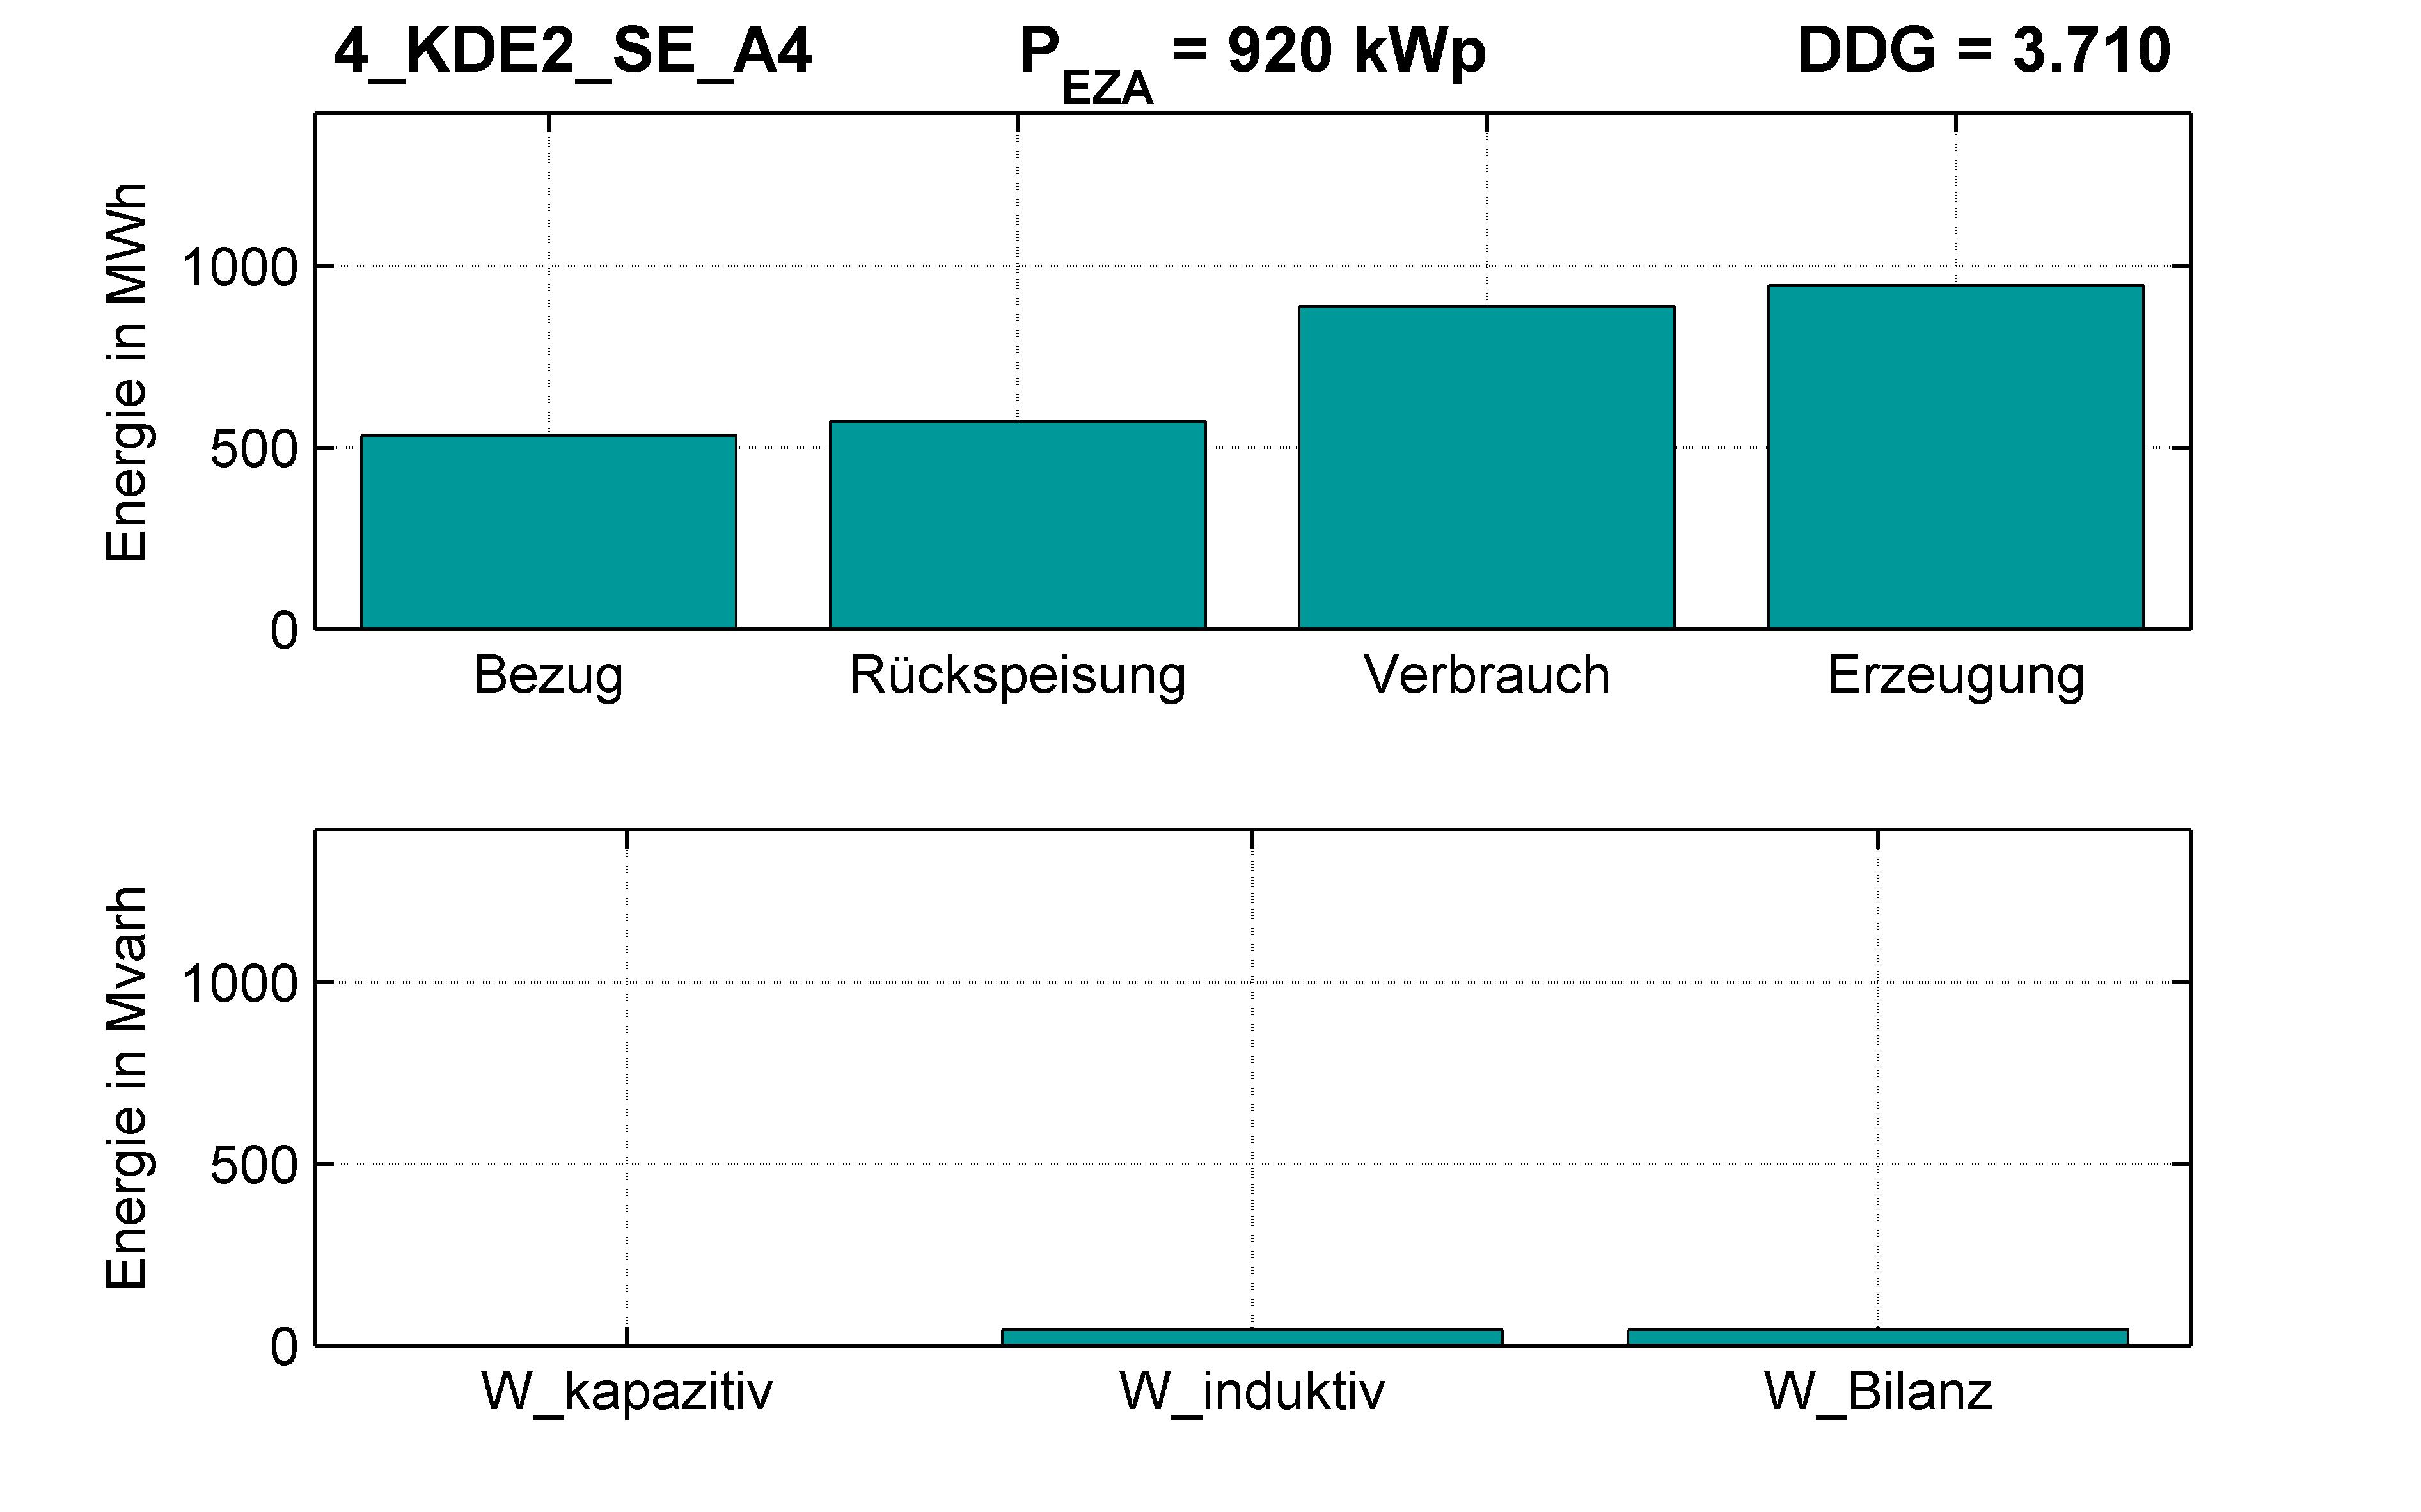 KDE2 | P-Kappung 55% (SE) A4 | PQ-Bilanz